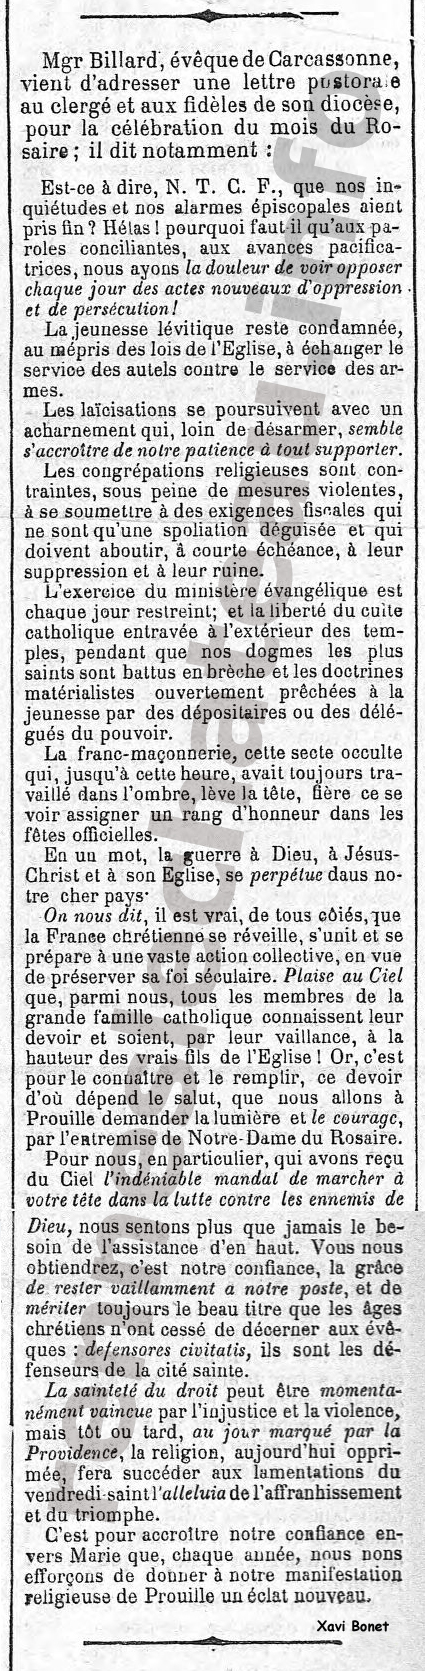 29-09-1891-Discurso-antimason